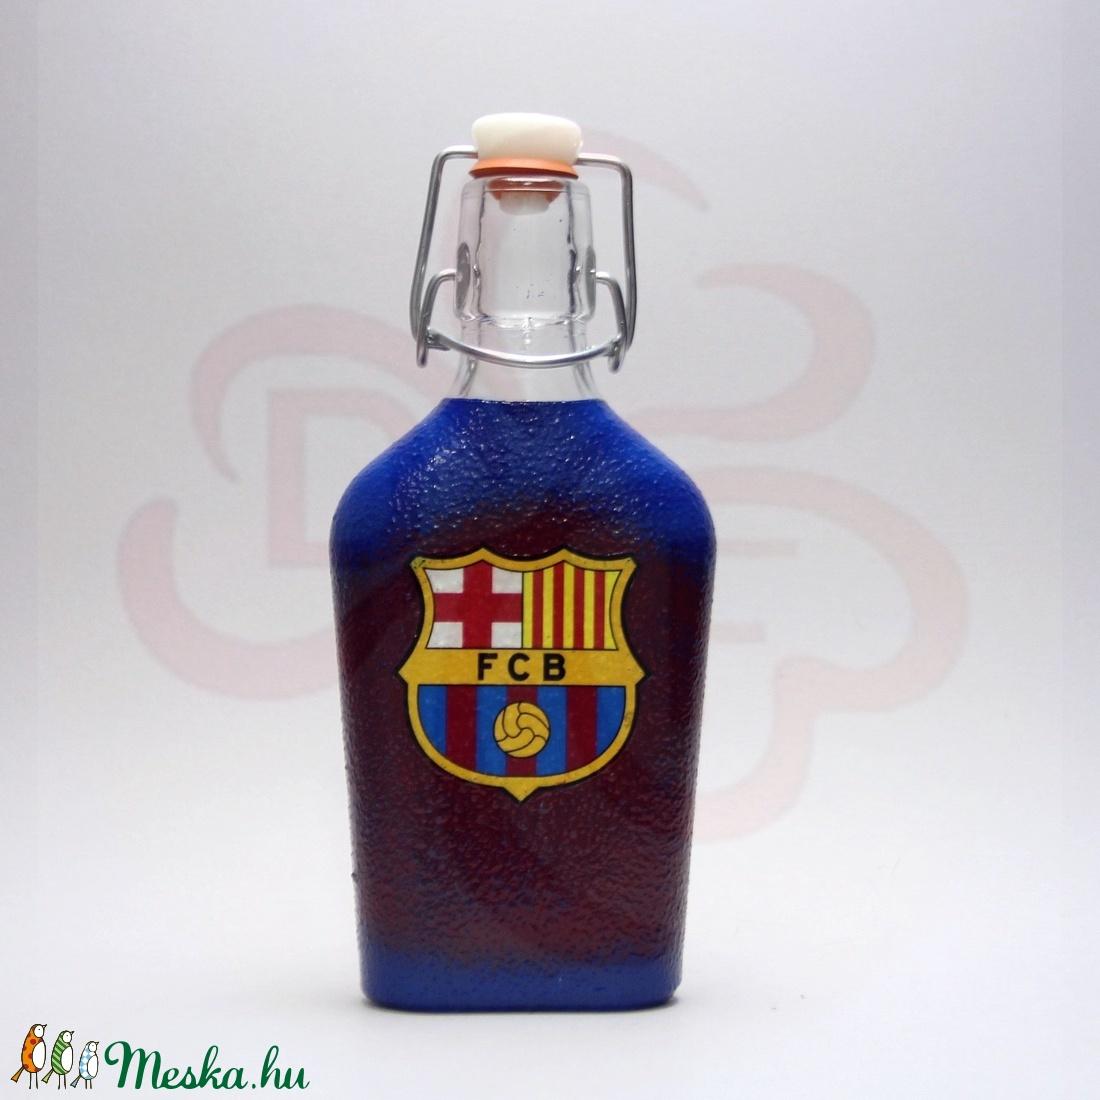 FC Barcelona kis csatosüveg ; Barcelona futball szurkolóknak - otthon & lakás - dekoráció - díszüveg - Meska.hu